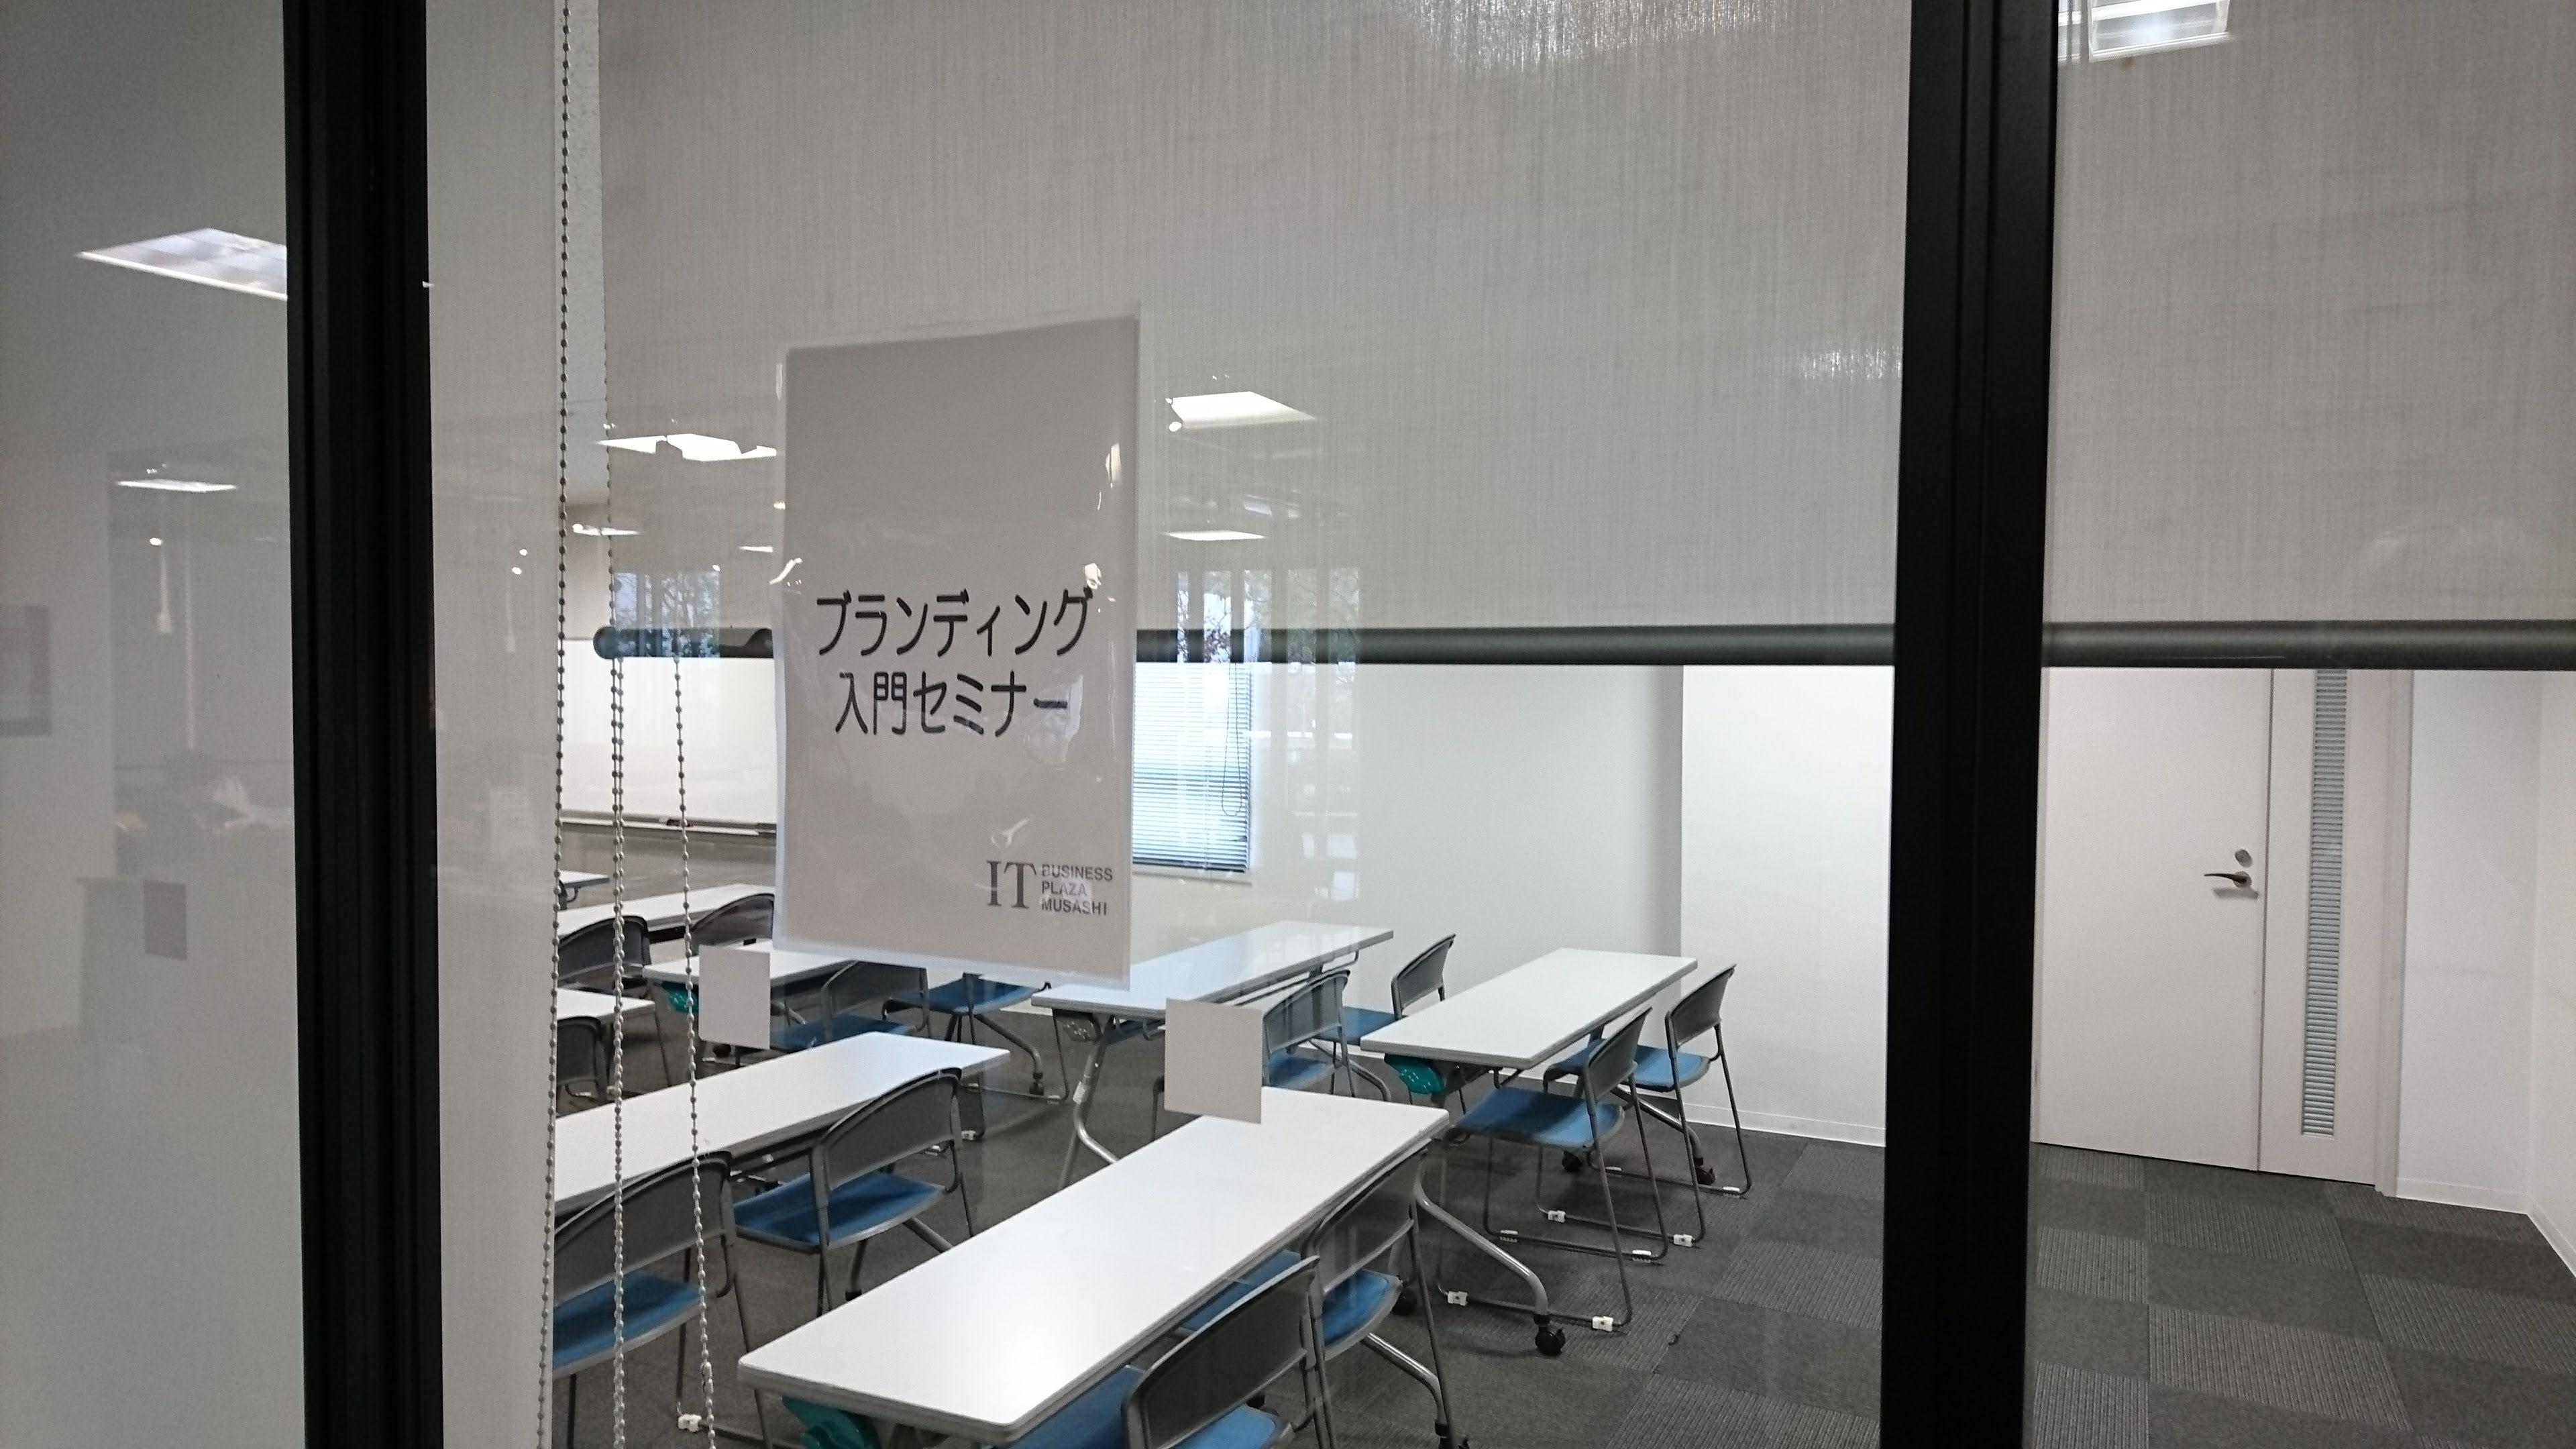 ブランディング入門セミナー金沢会場第3回